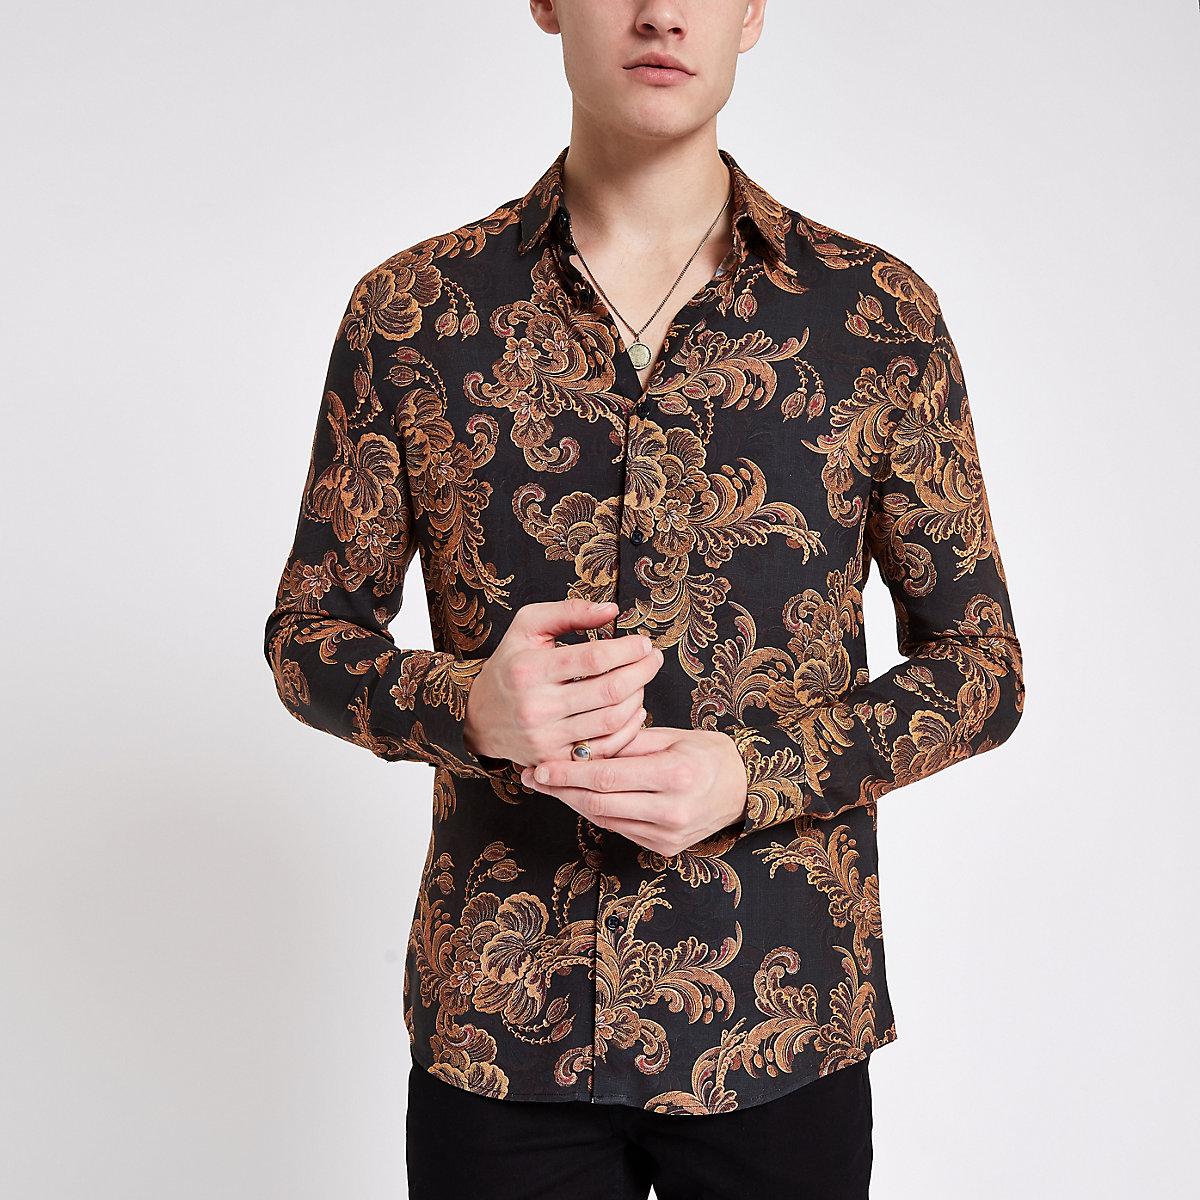 Slim Fit Hemd mit Barockprint in Schwarz und Gold